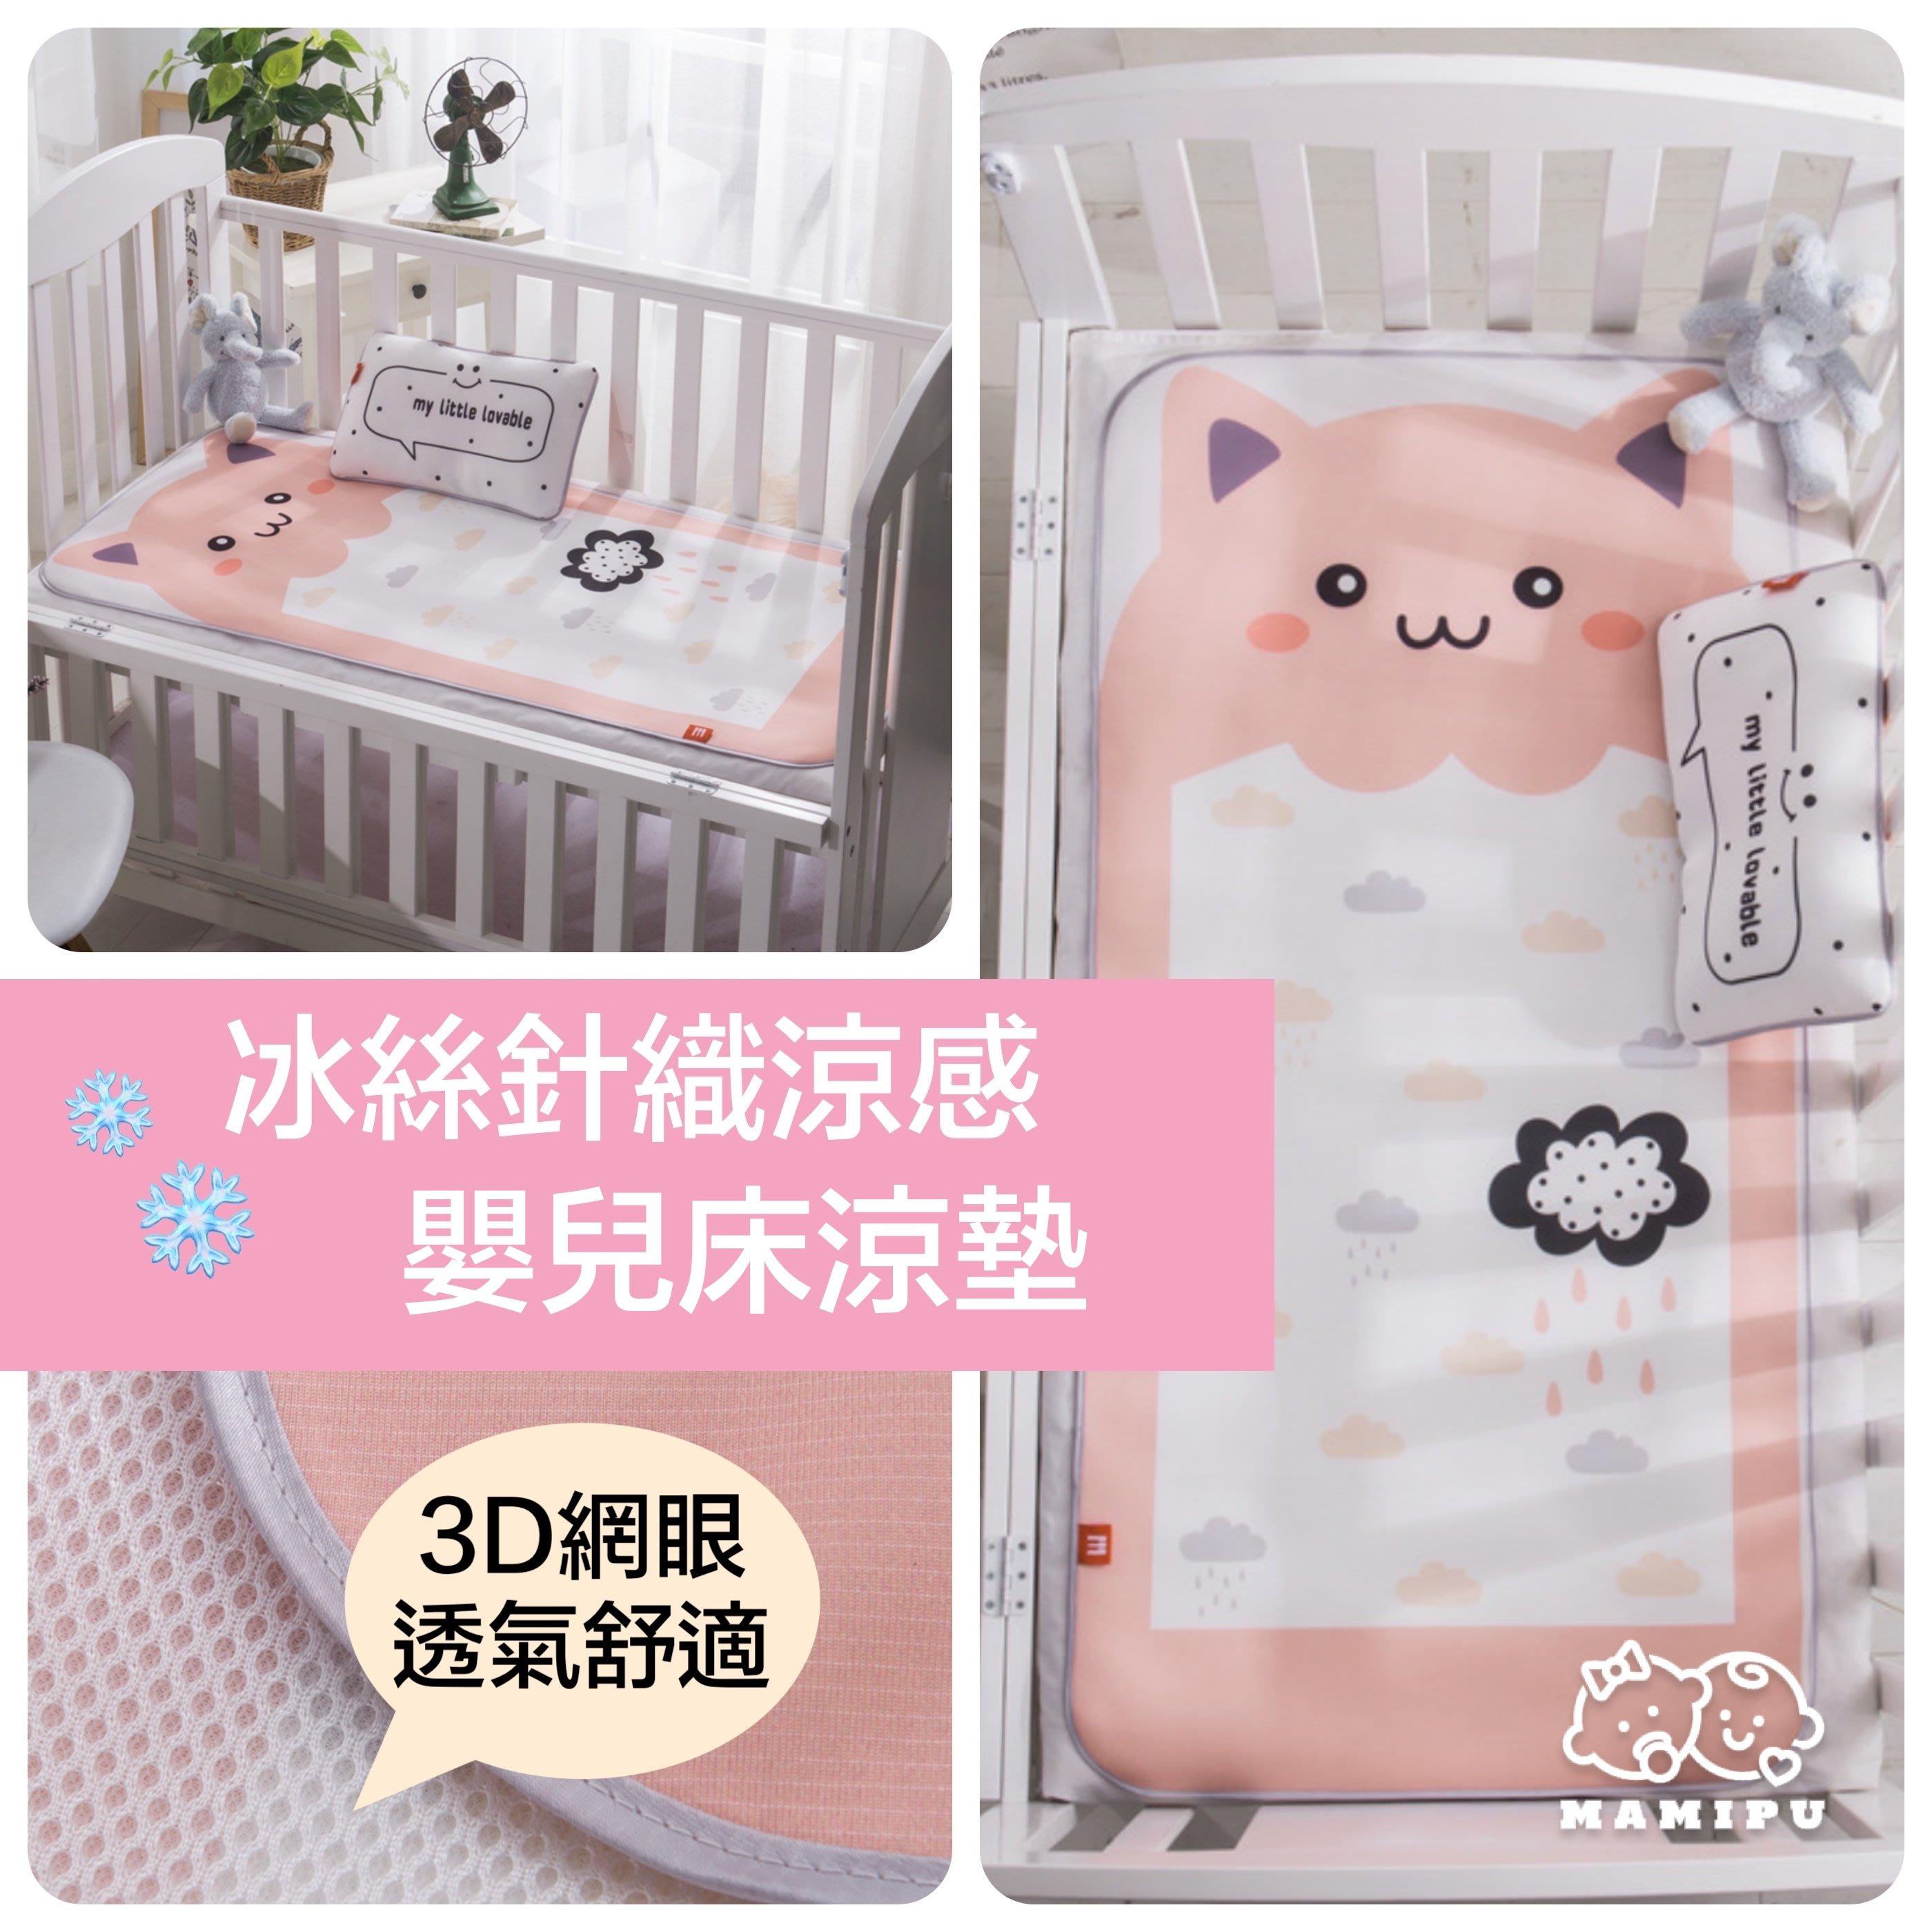 現貨*冰絲針織涼感嬰兒床涼墊 [送枕頭] 防蟎可水洗 3D網眼透氣 嬰兒床墊涼蓆 兒童涼蓆 幼稚園睡墊 120x60cm